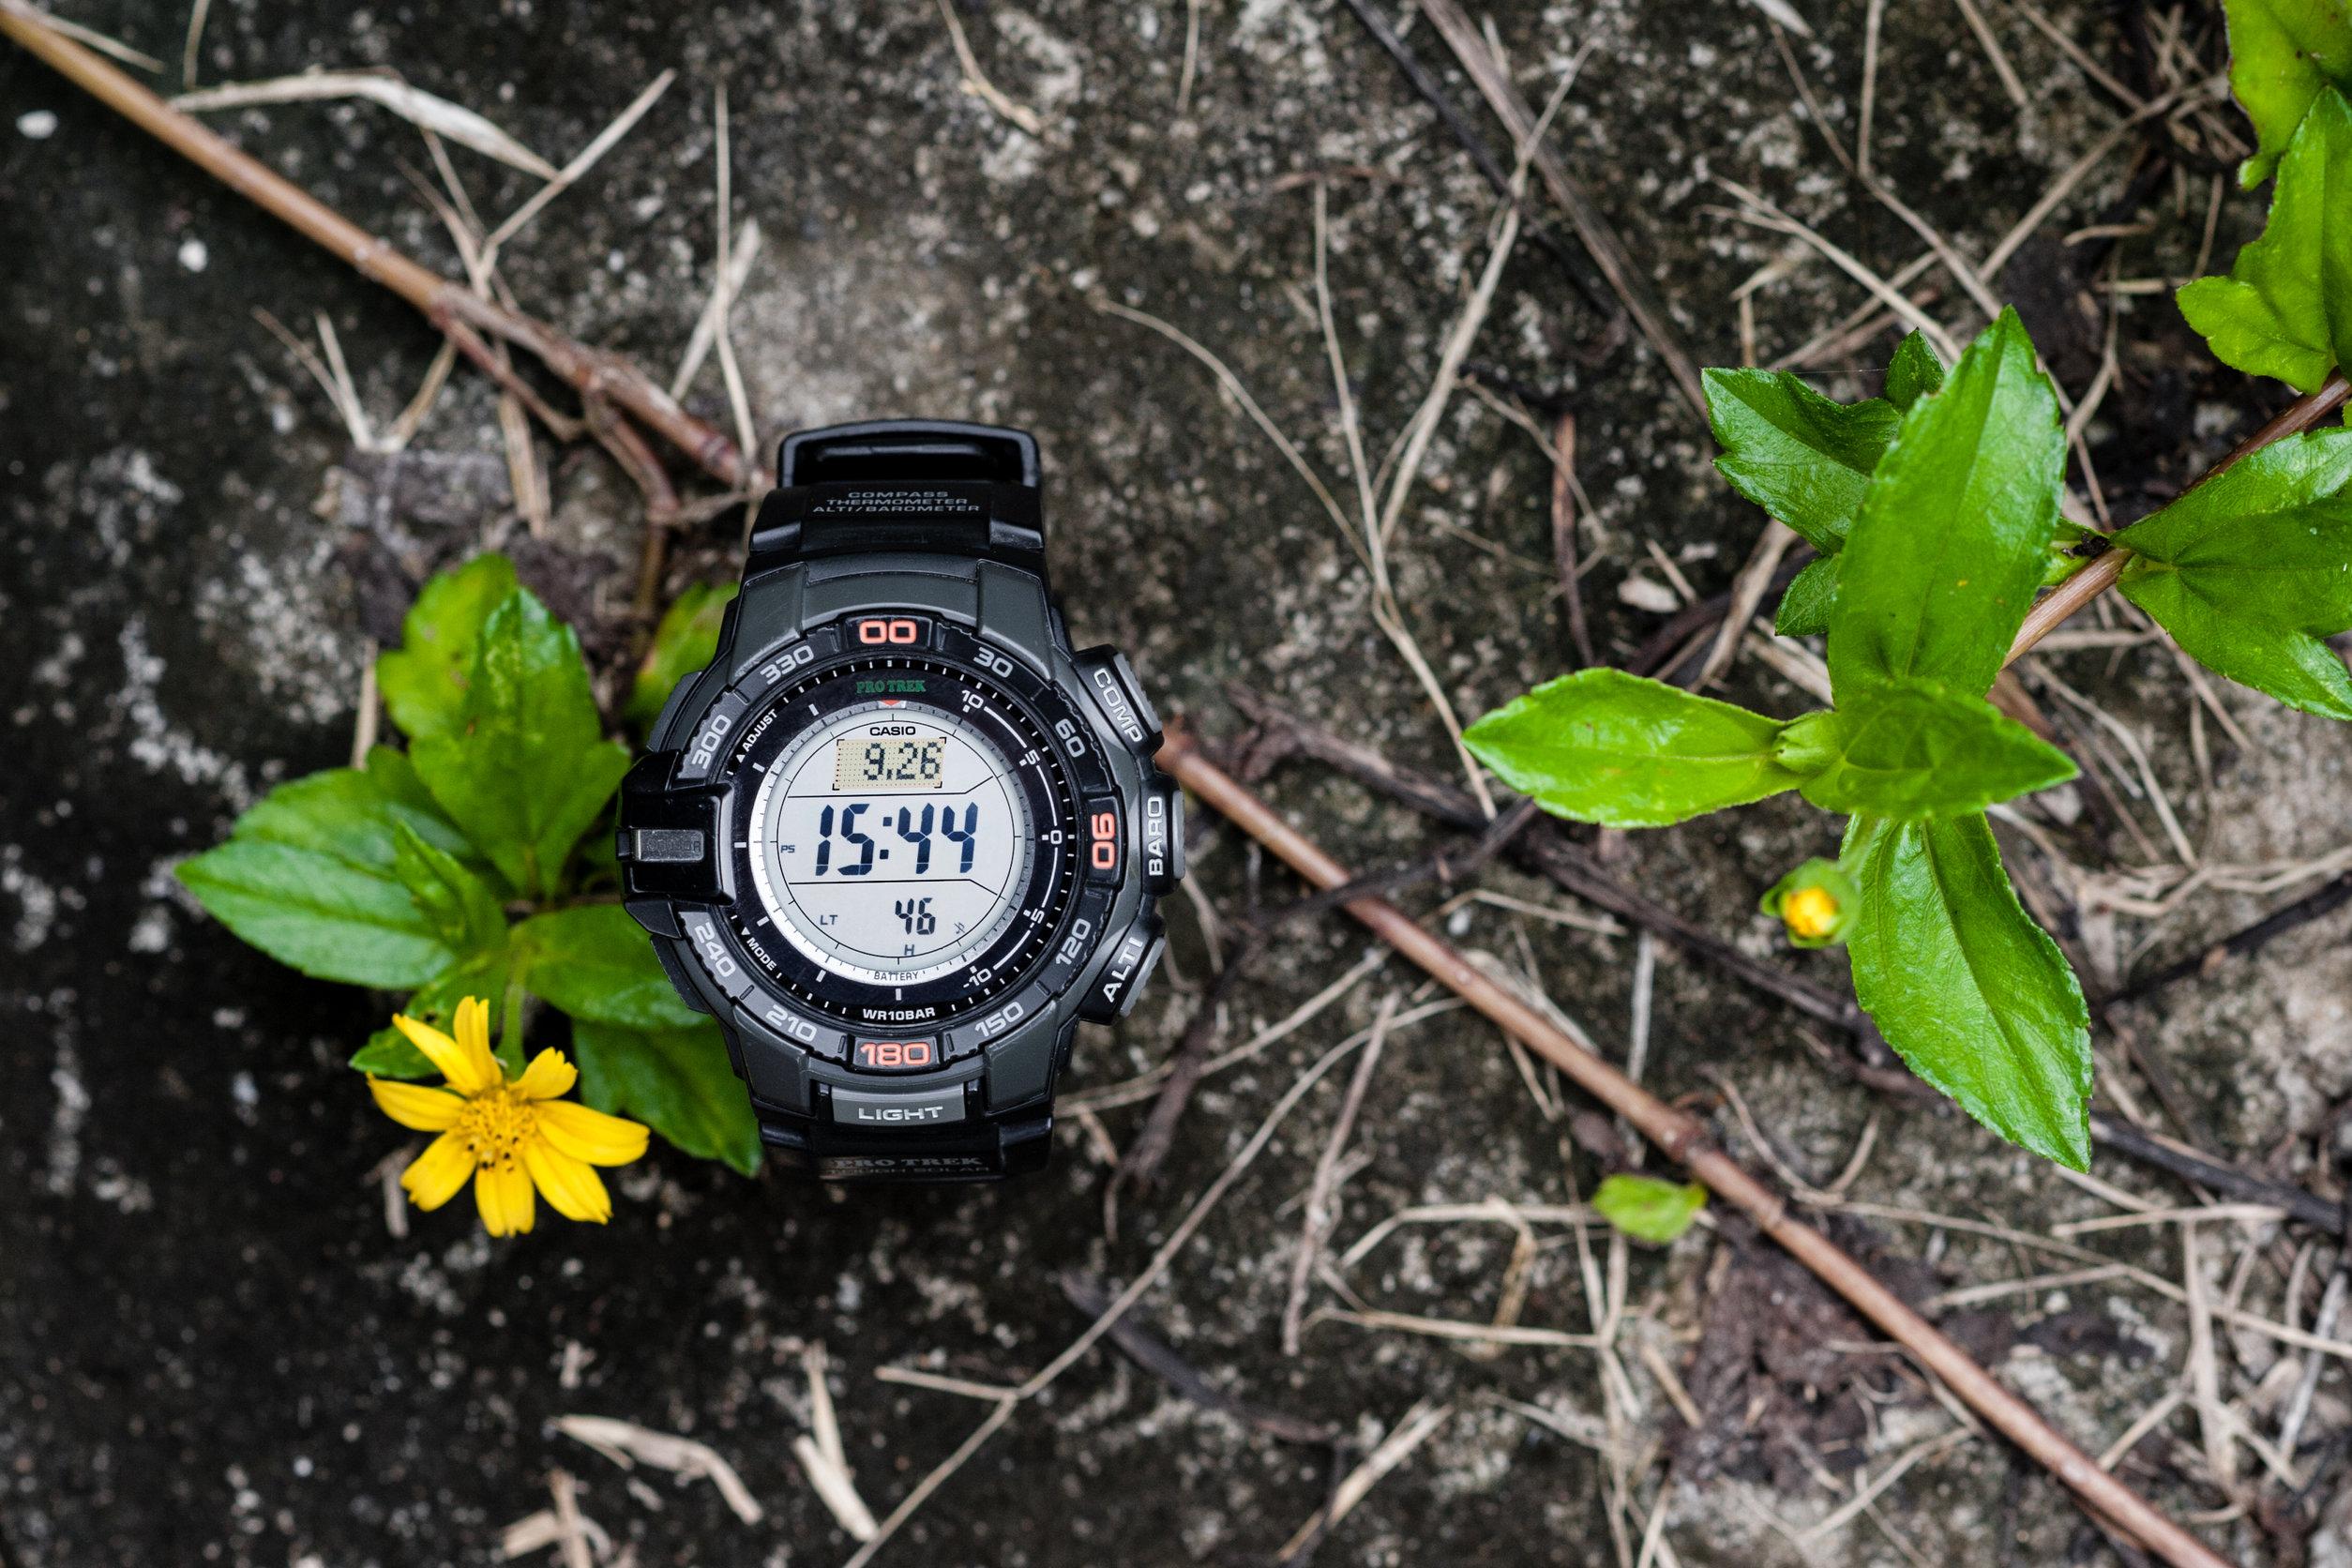 reloj con altímetro